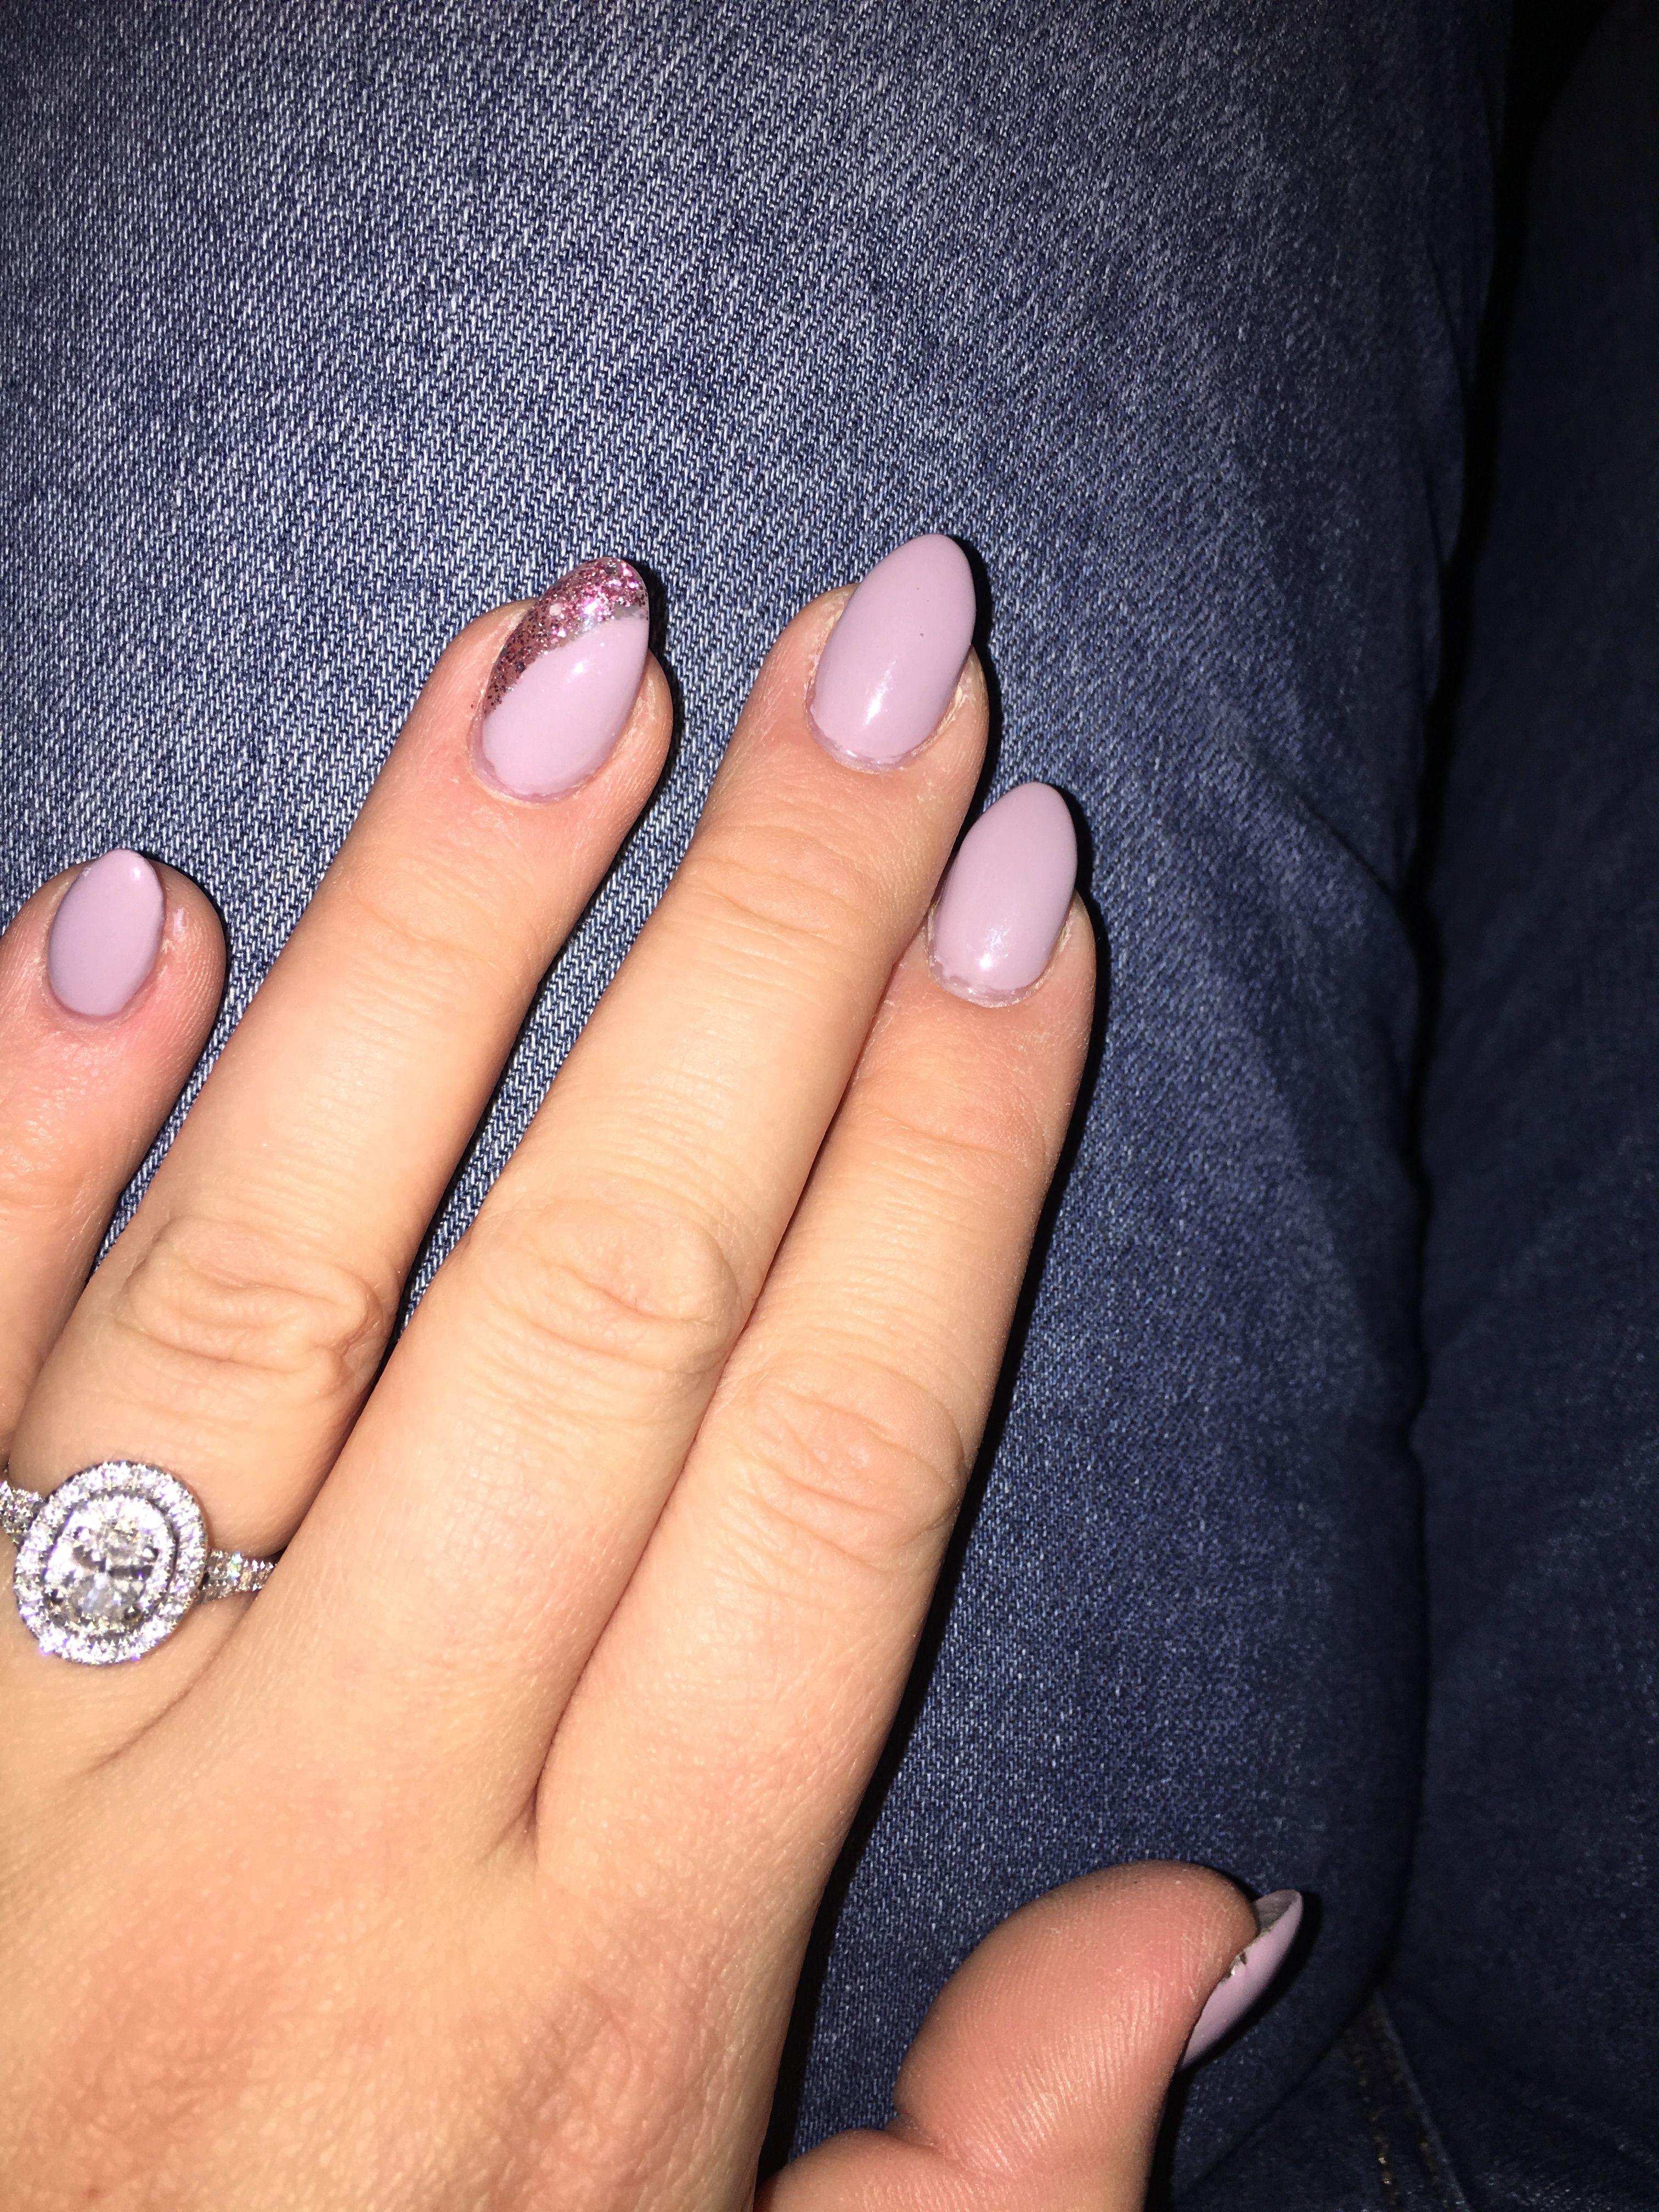 Almond Shaped Nails Color Short N Sweet Gel Polish Rose Gold Glitter Border Nail Shapes Glitter Nails Acrylic Fall Acrylic Nails